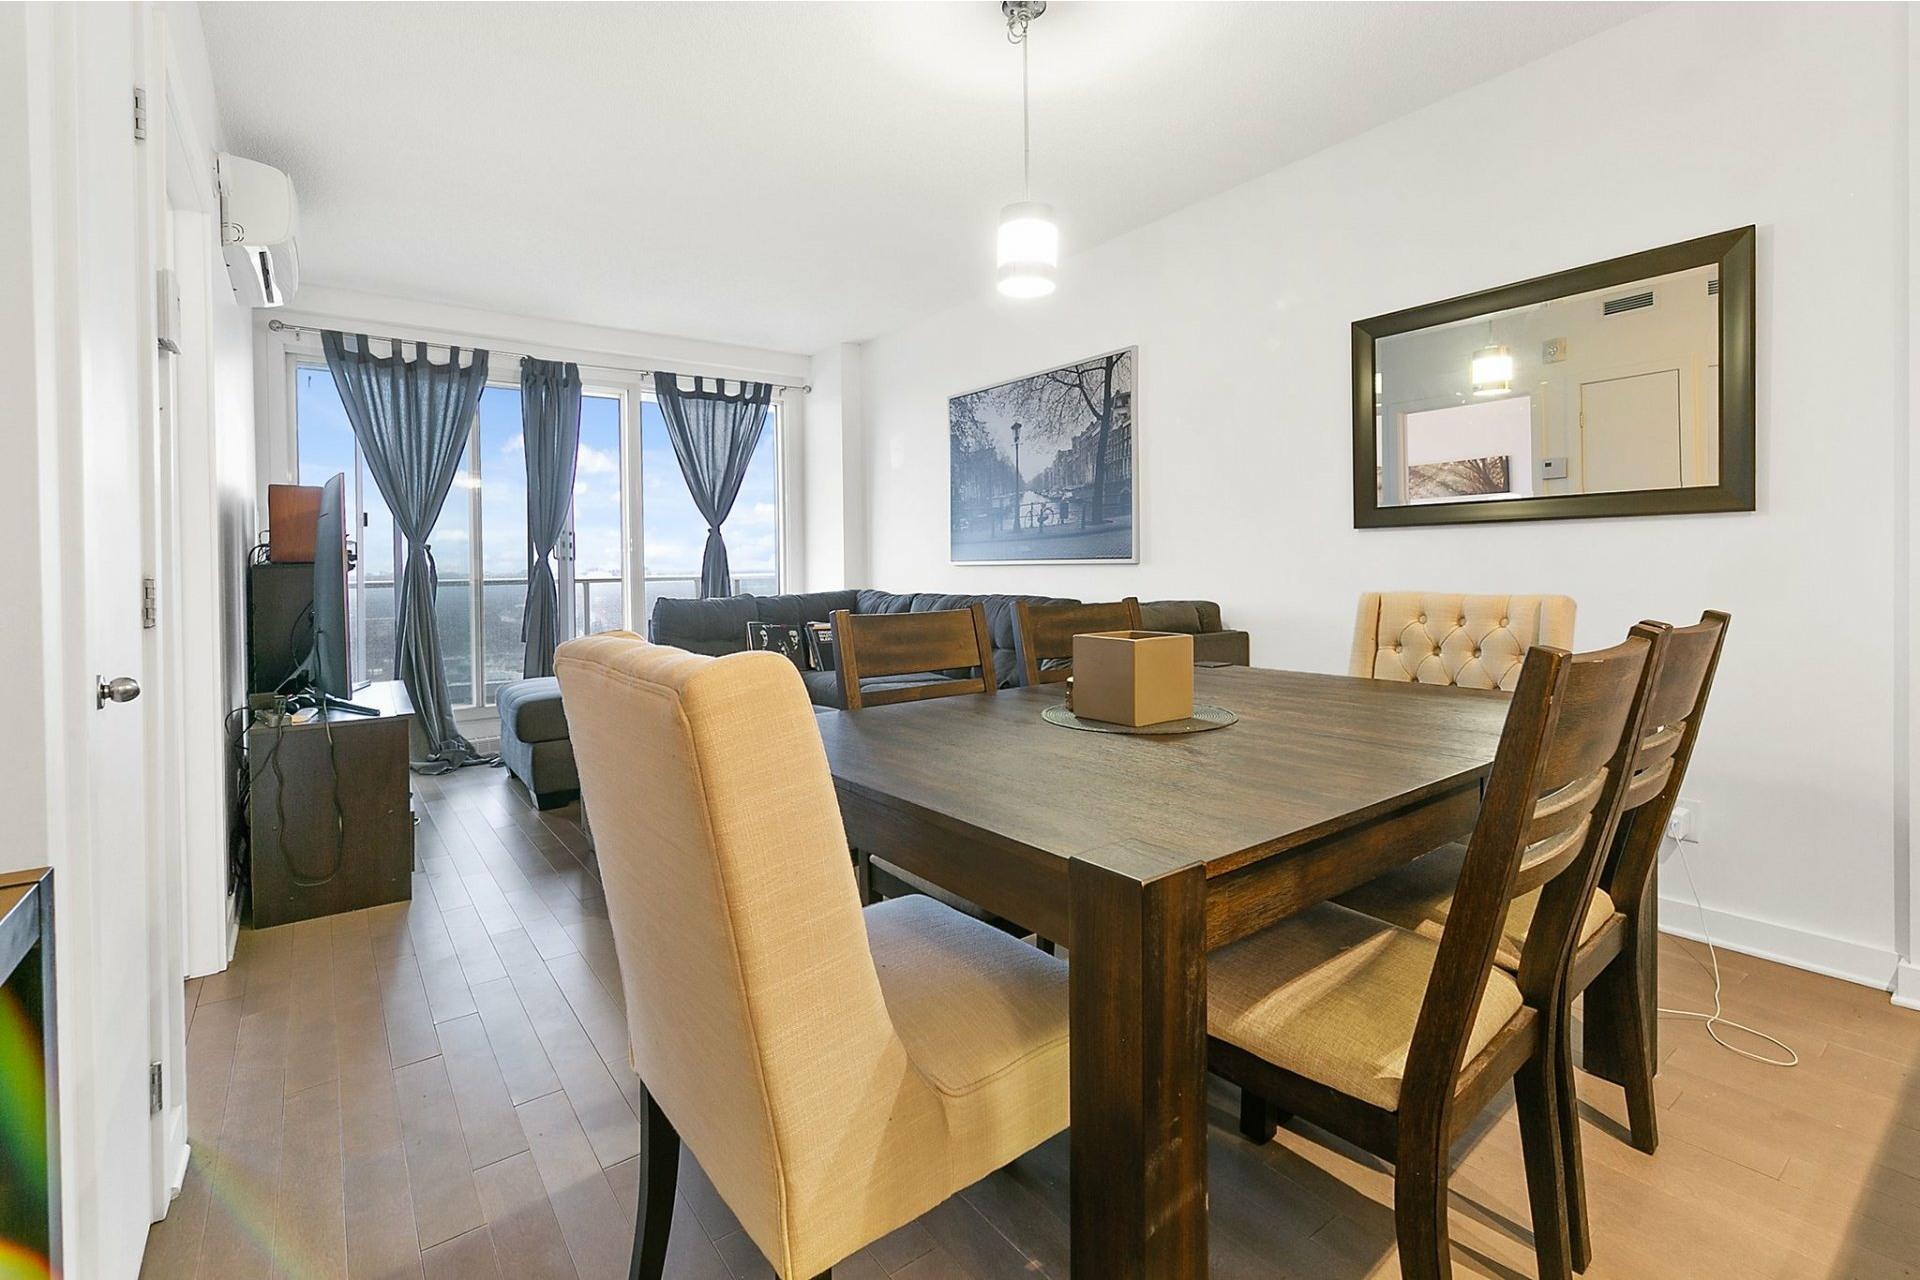 image 3 - Appartement À louer Ahuntsic-Cartierville Montréal  - 4 pièces